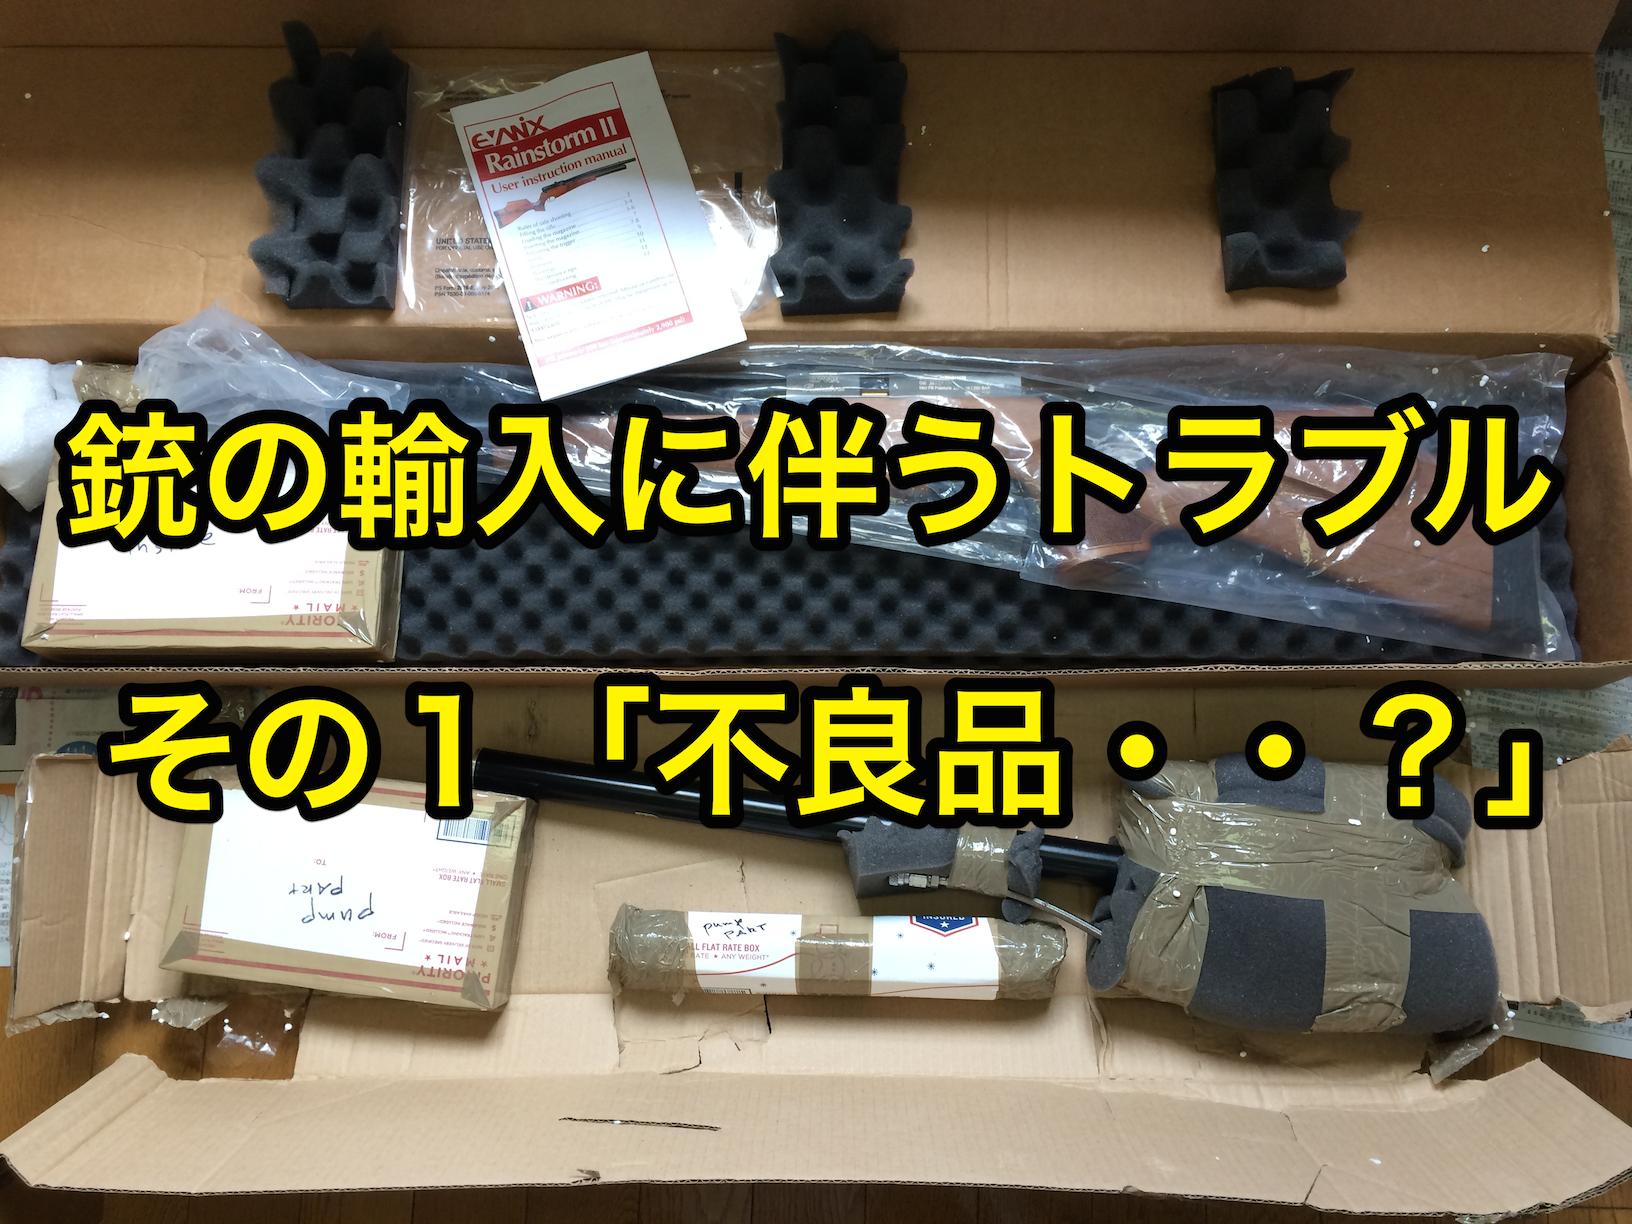 空気銃(レインストーム)輸入に伴うトラブル、その1「不良品・・?」